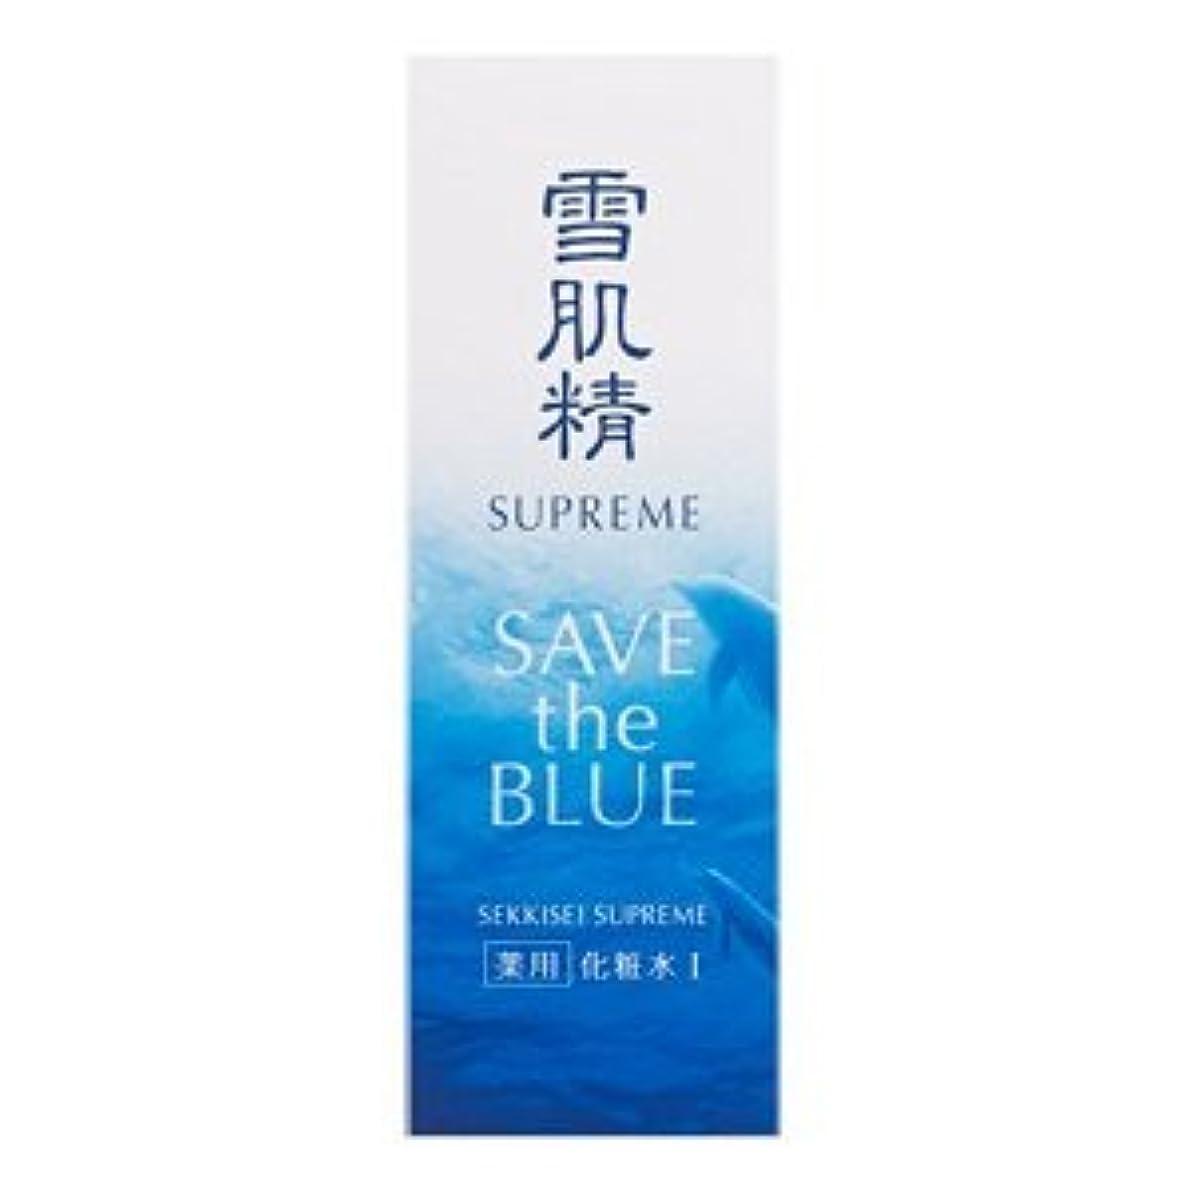 グレートオークチロポールコーセー 雪肌精 シュープレム 化粧水 Ⅰ みずみずしいうるおい 400ml アウトレット